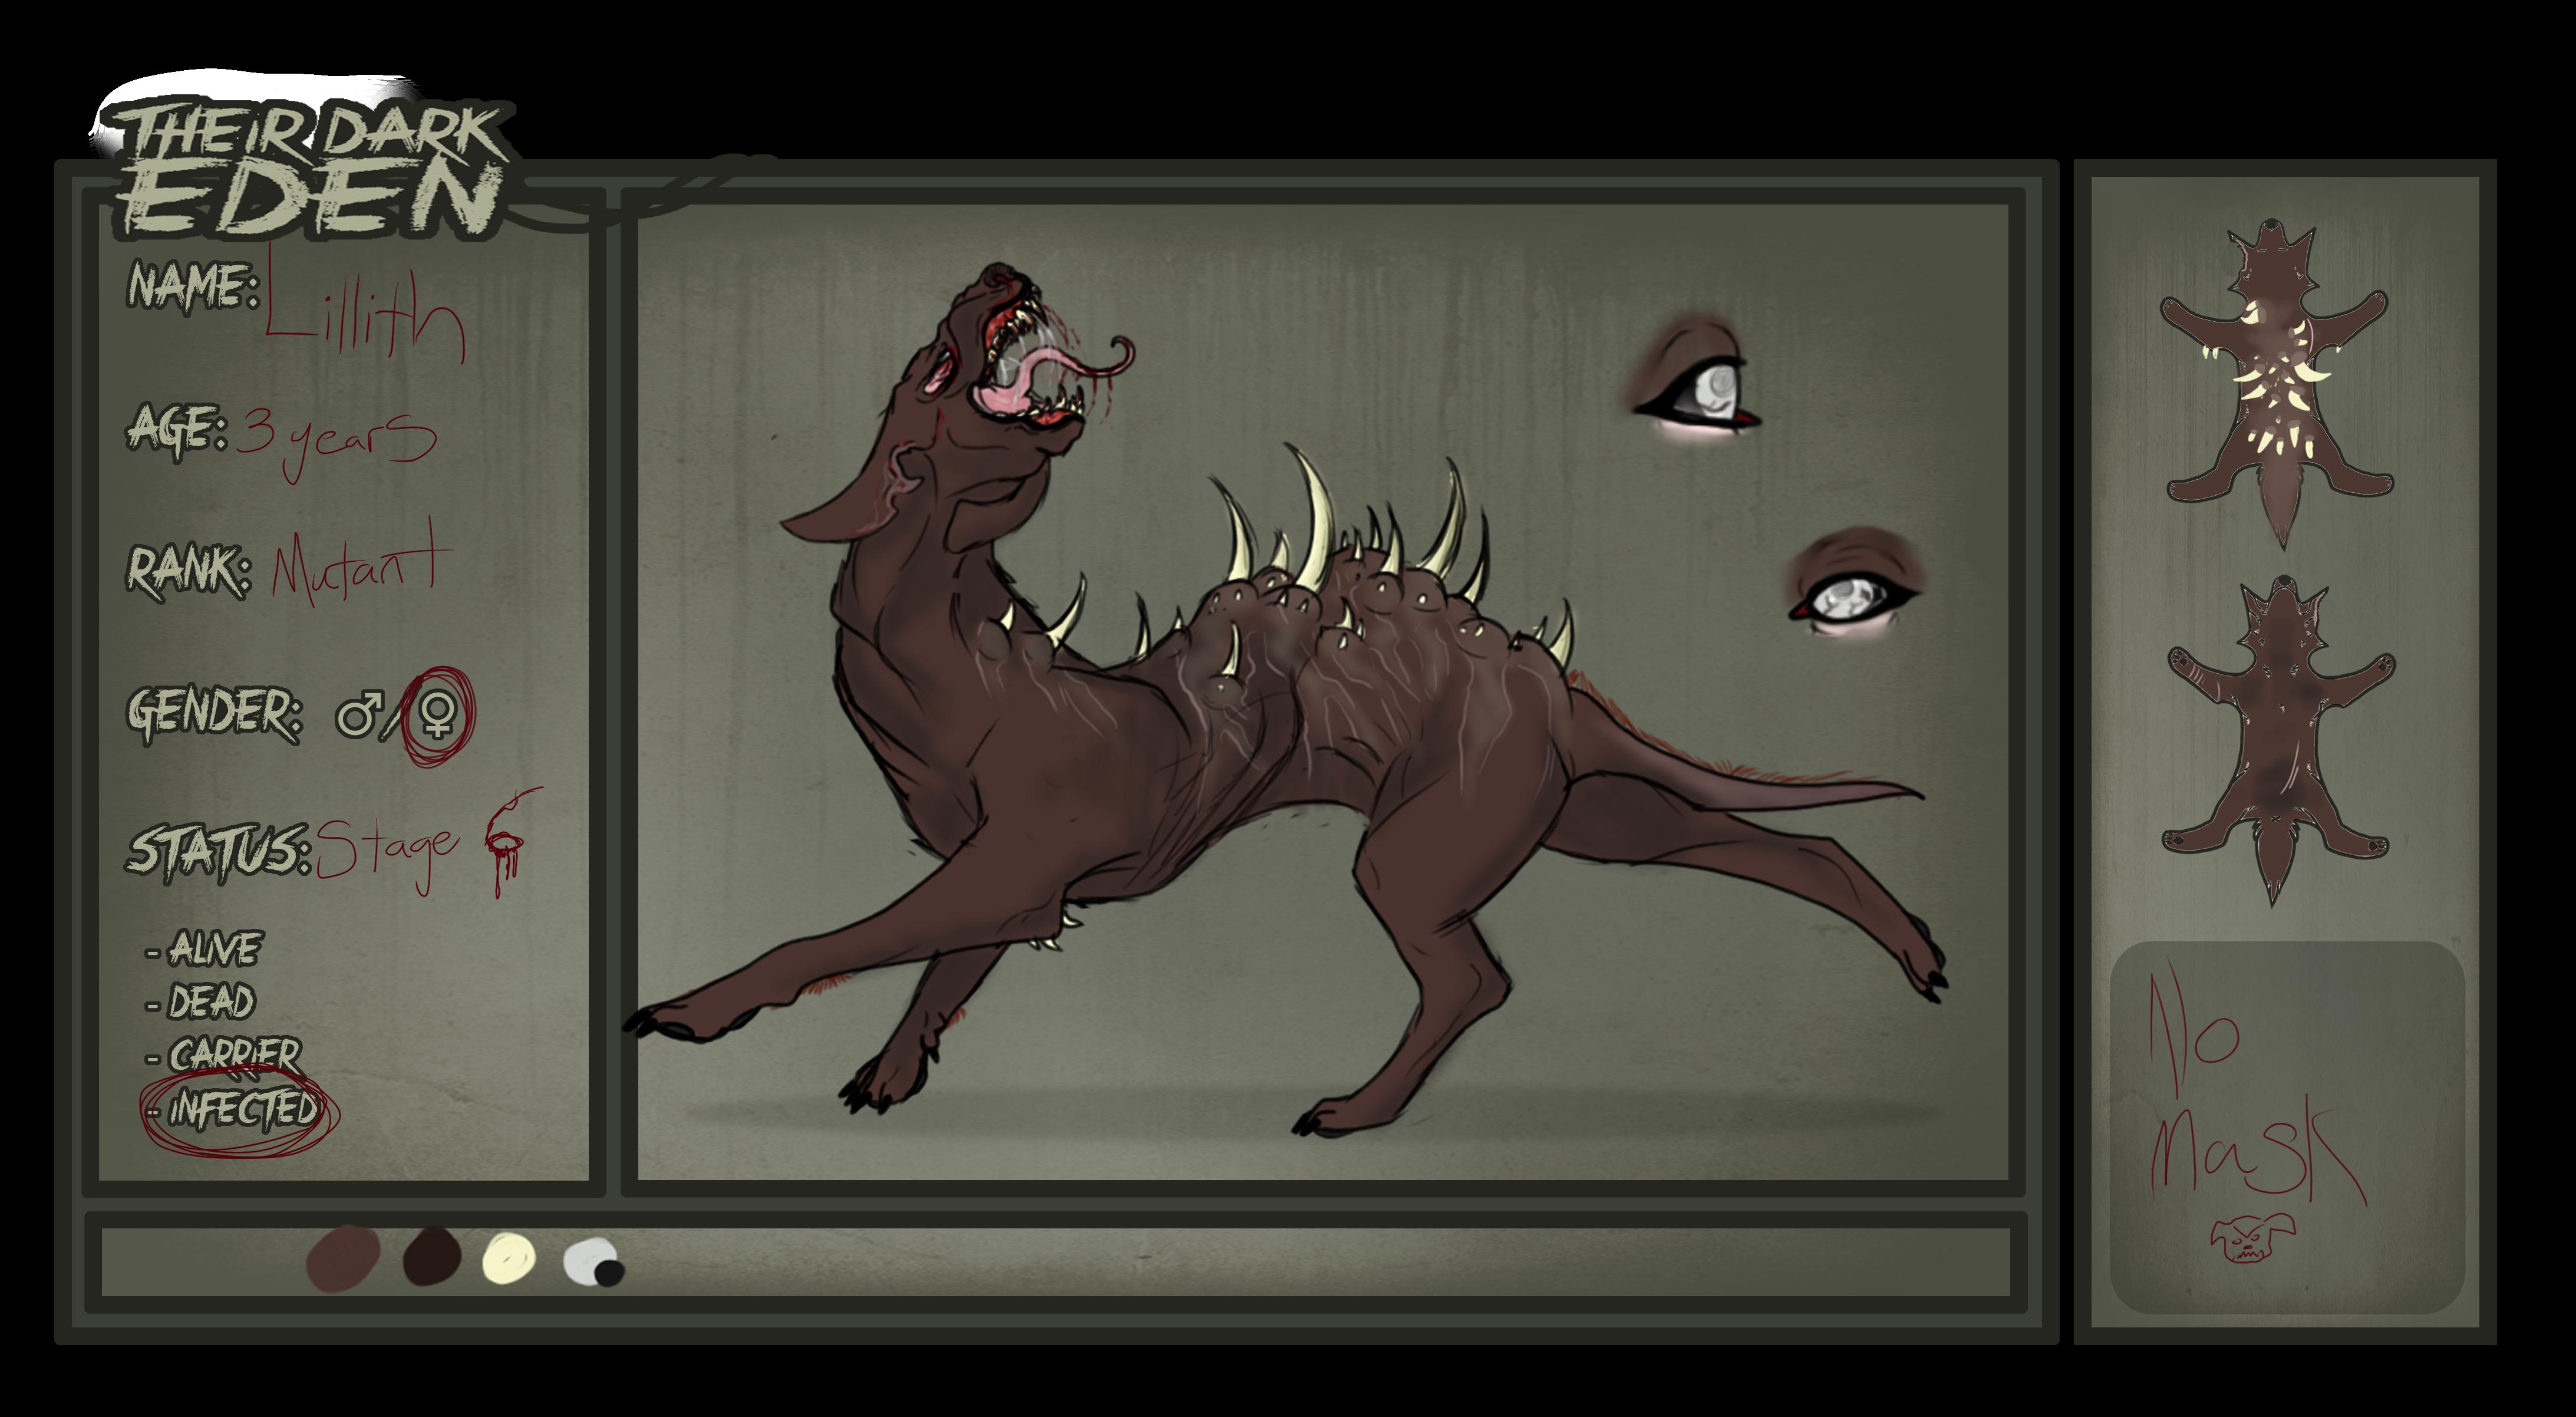 Their Dark Eden app- Lillith 2.0 by Death-By-CatBurger